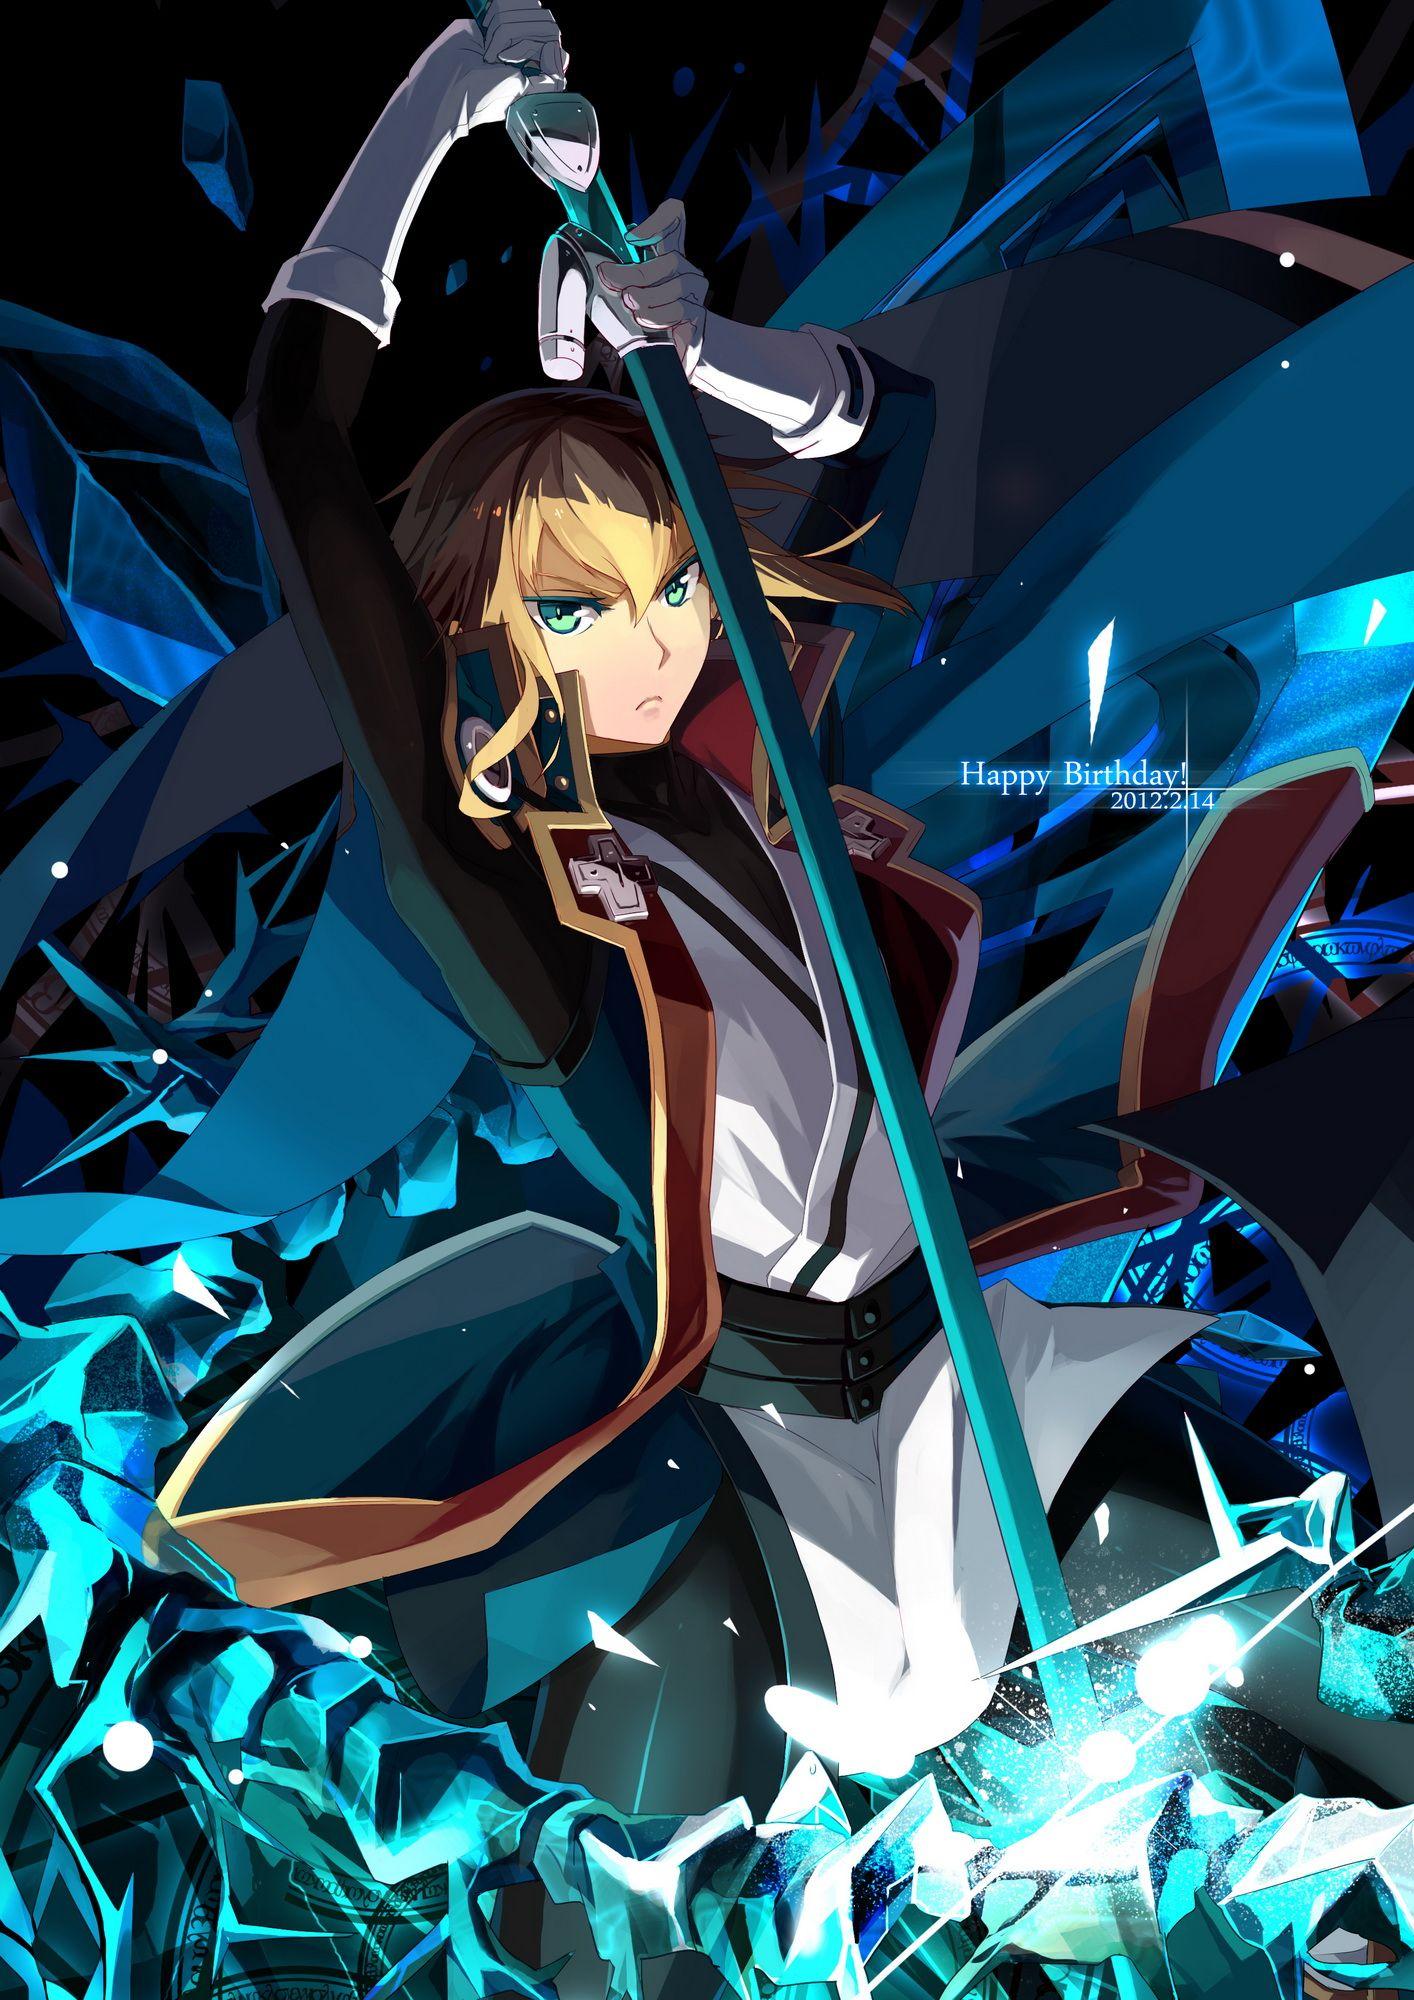 View fullsize (1414x2000 853 kB.) Anime, Anime images, Art